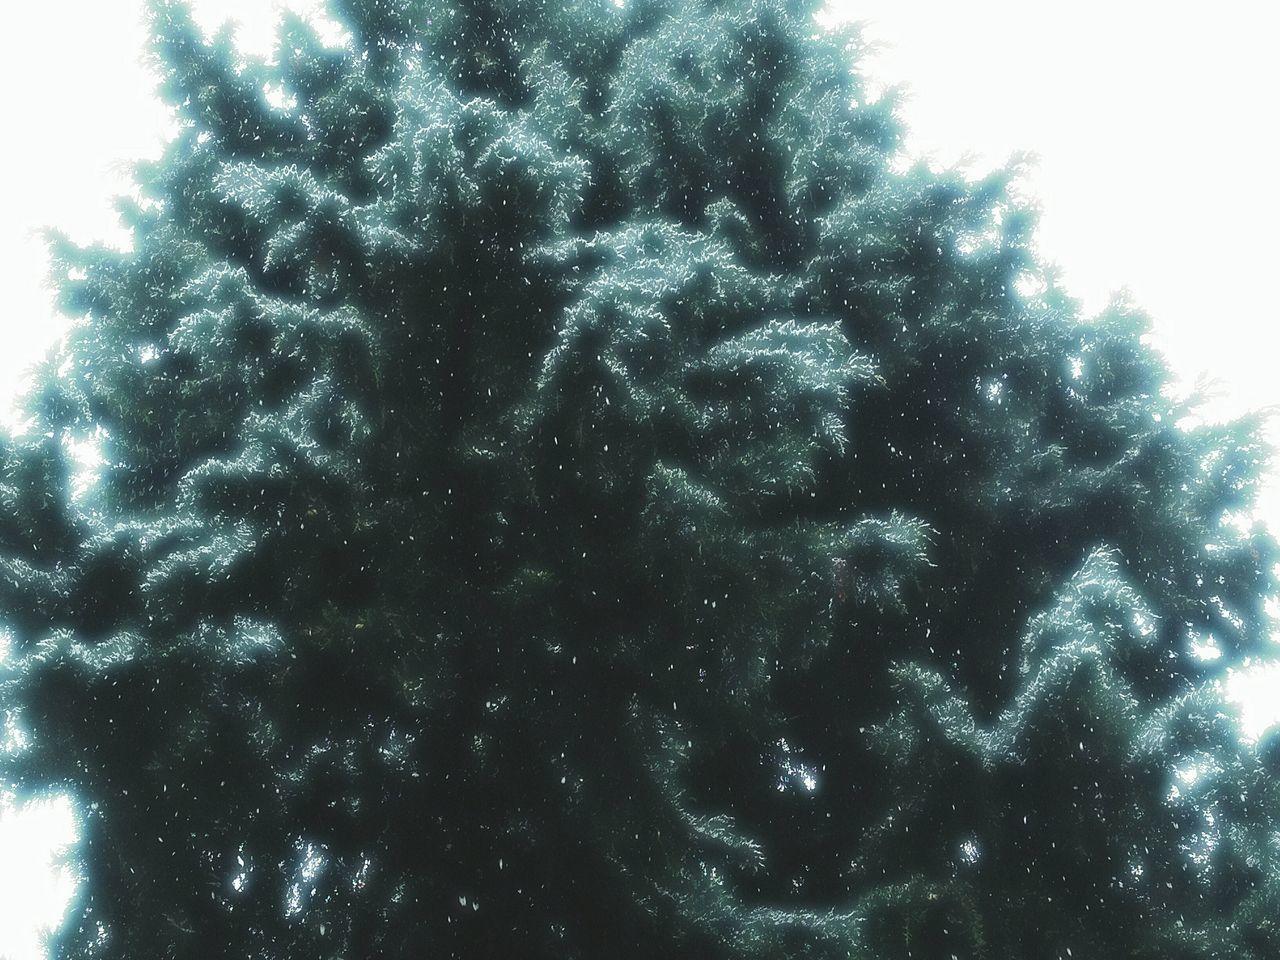 Sky Close-up Tree In Fog White Sky Tree In Snow Pine Tree Tree Close-up Tree In Light Illuminating Light